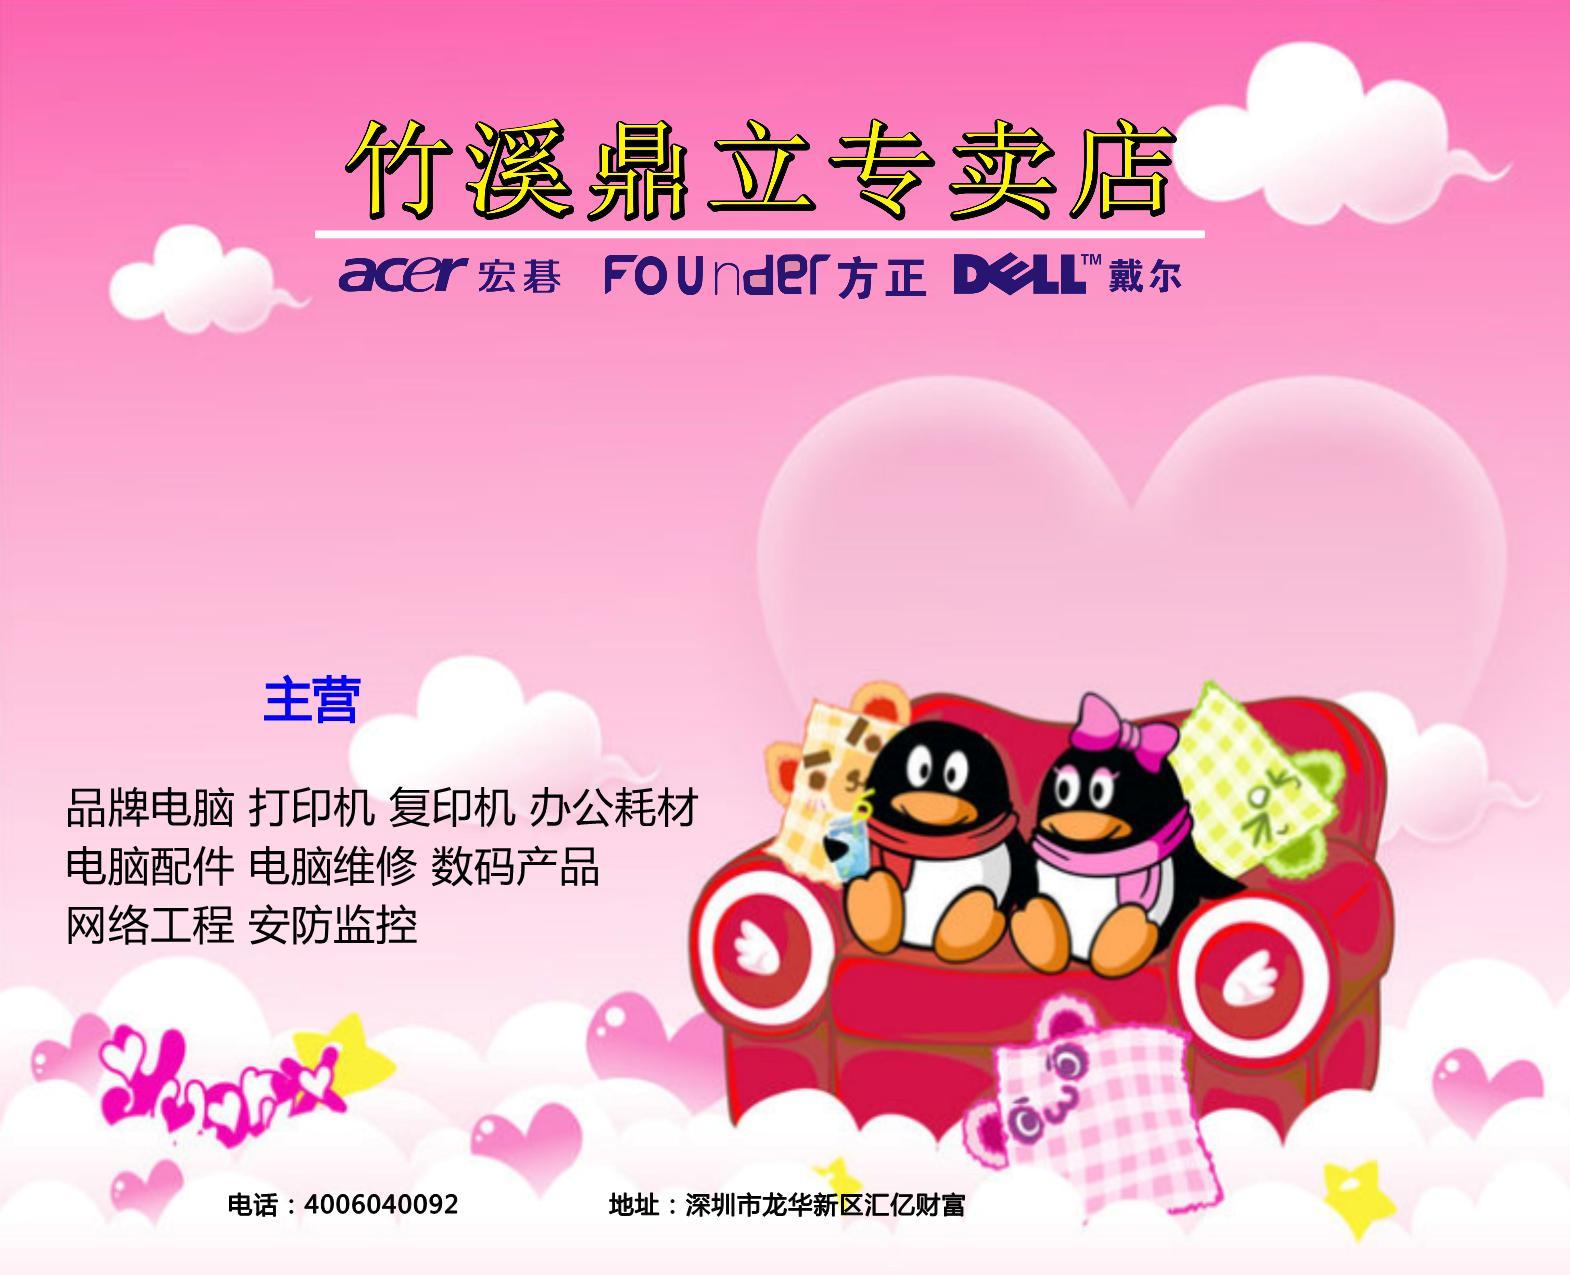 粉红色电脑专卖店广告宣传鼠标垫模板下载